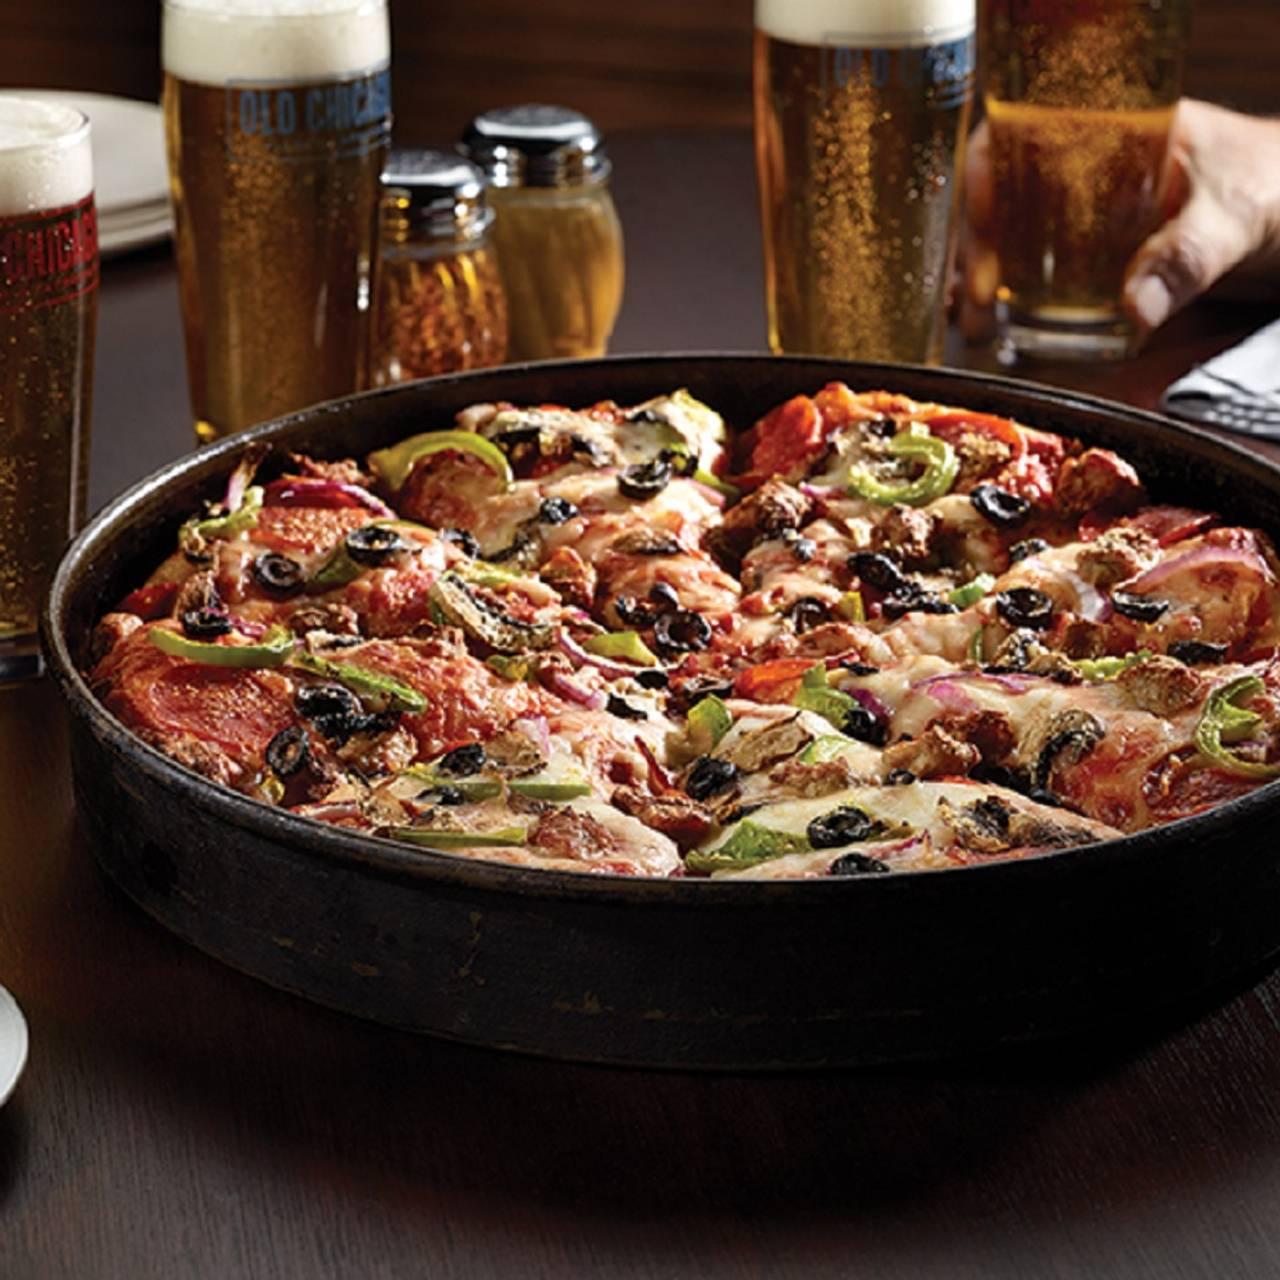 Old Chicago Pizza & Taproom - Cheyenne Restaurant - Cheyenne, WY ...